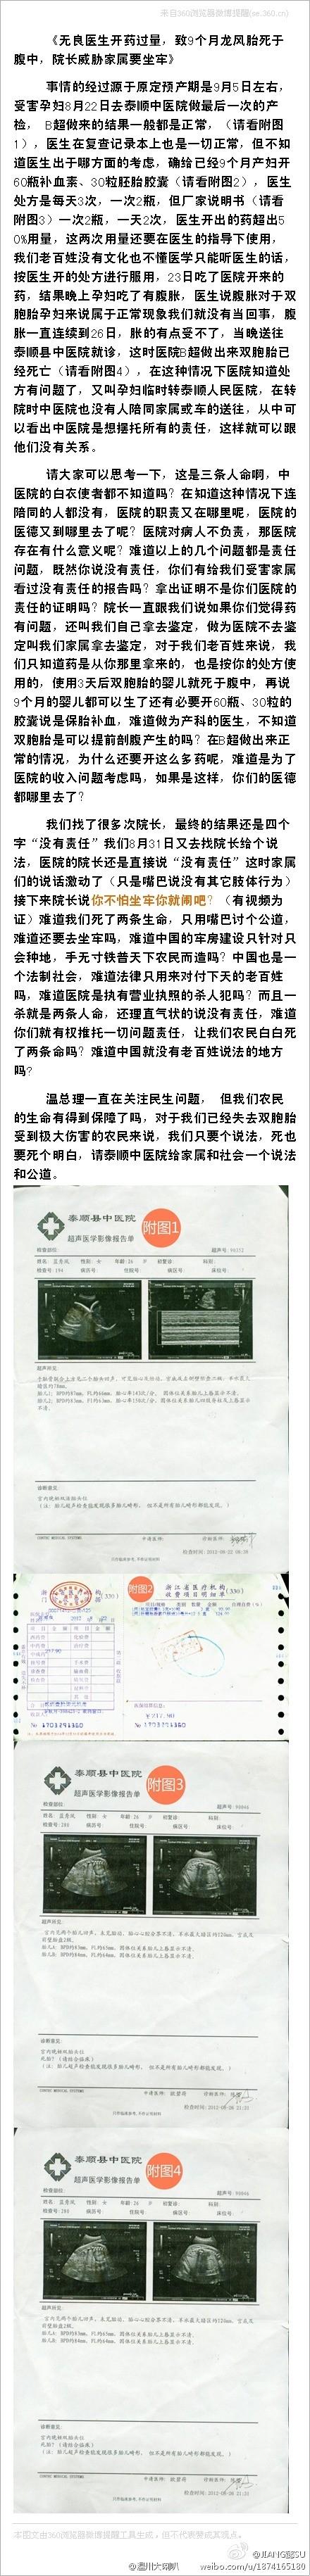 [分享]可怜泰顺9个月龙风胎胎死腹中,中医院医生开药过量?